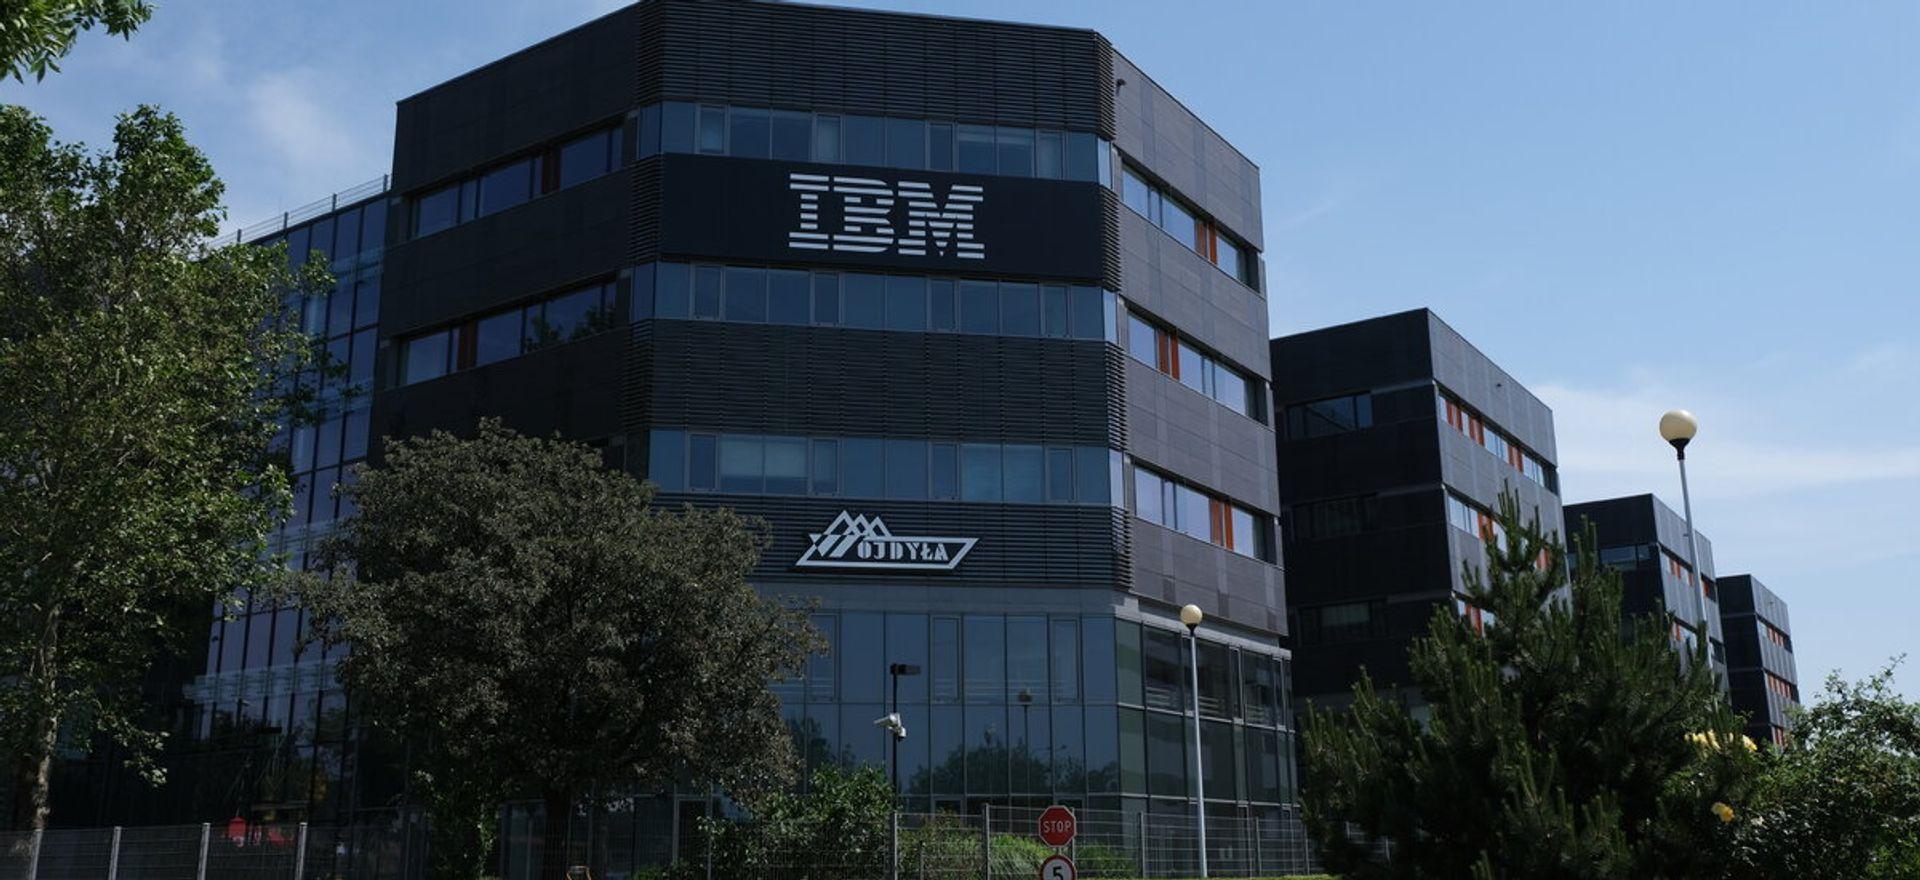 Polska firma z branży innowacyjnych technologii powiększa biuro we Wrocławiu